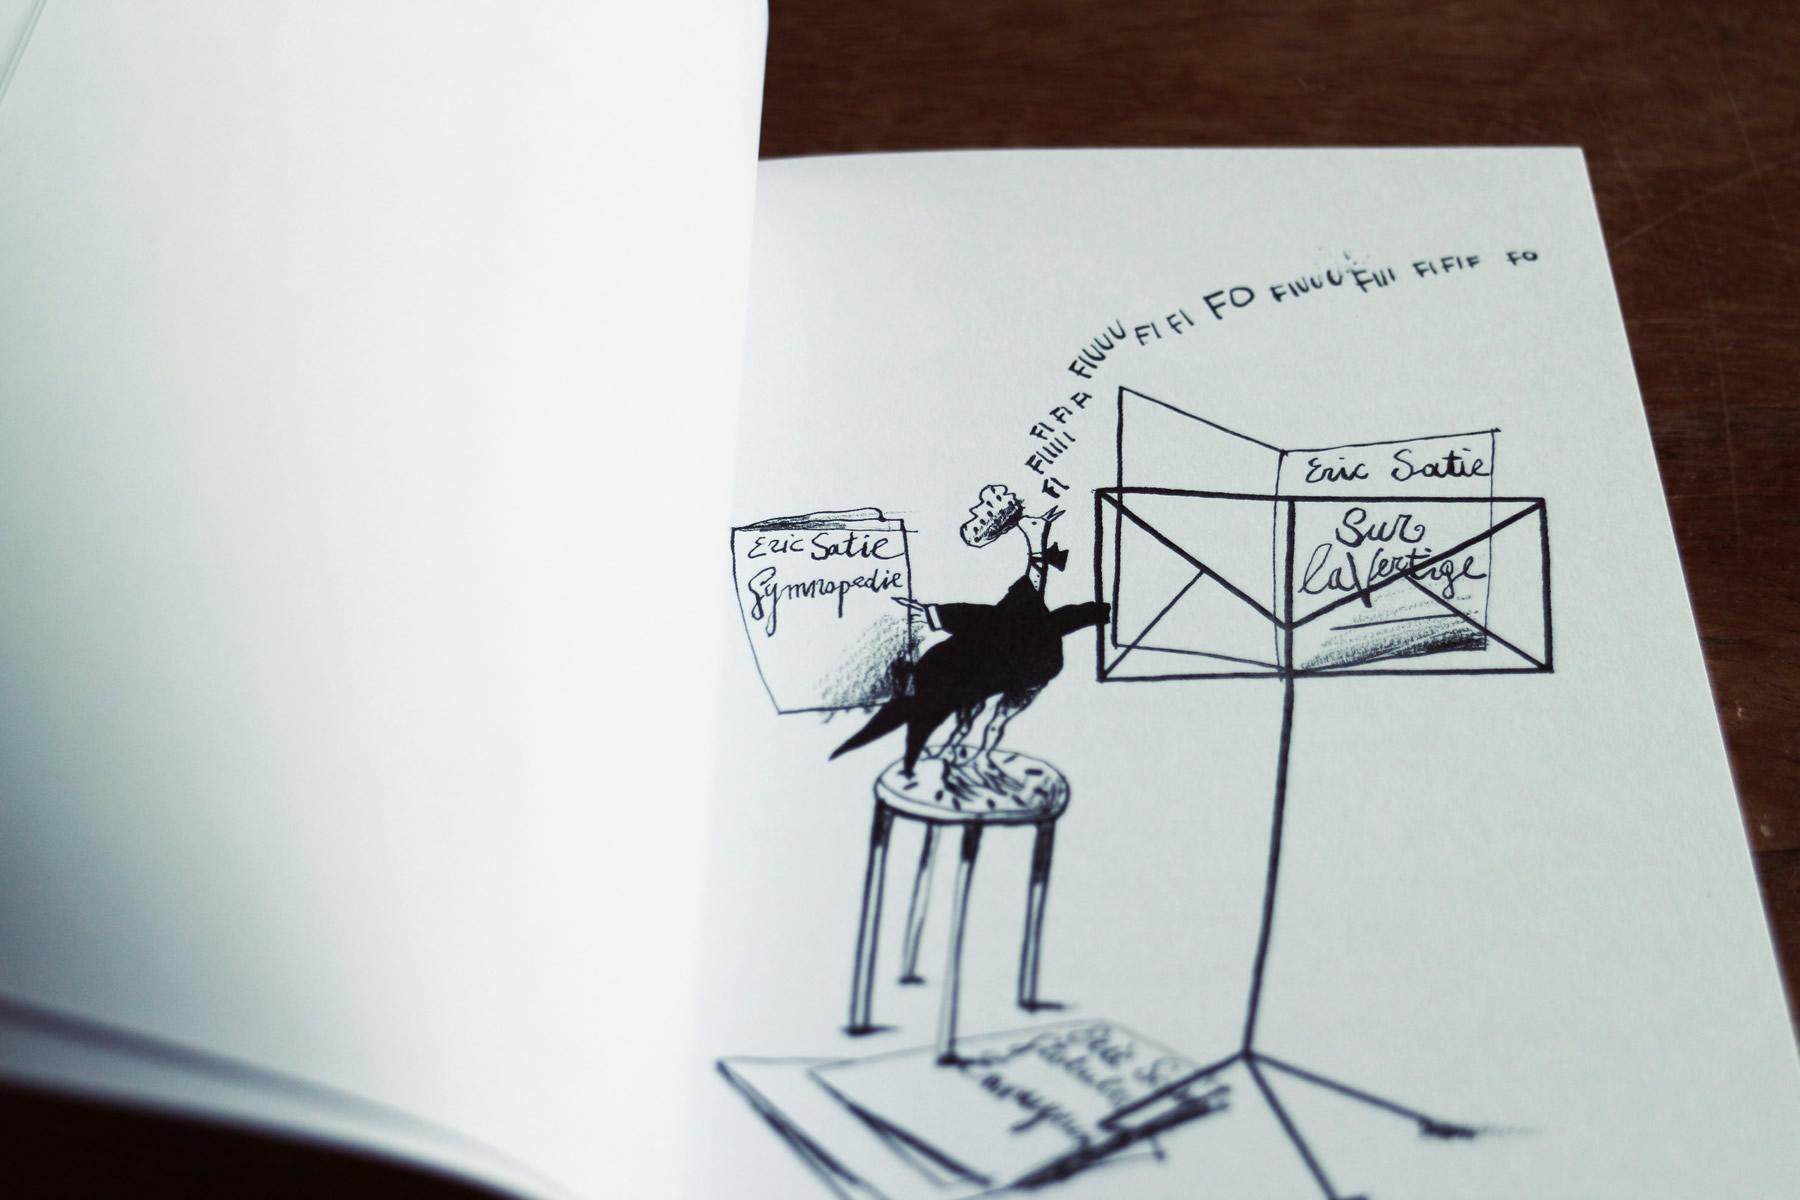 Satie: appunti e nostalgie, di Gian Nicola Vessia, illustrazione di Federico Maggioni, Raum Italic 2015 (foto: Frizzifrizzi)